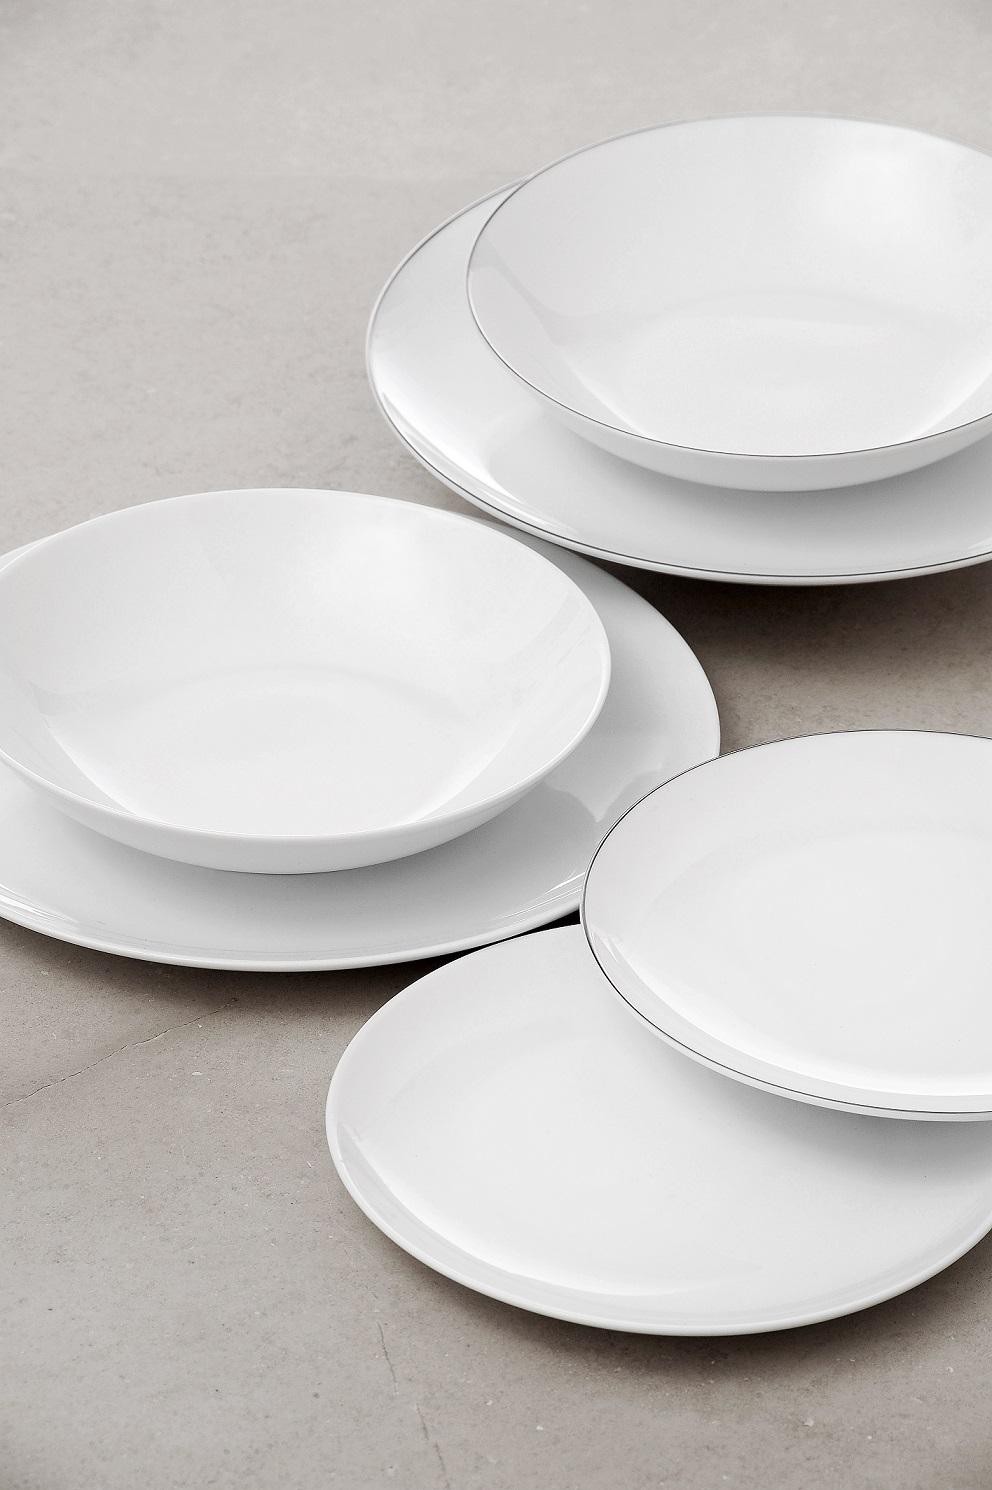 Servizio piatti 12 pezzi l abitare lucca filo platino - Servizio piatti design ...